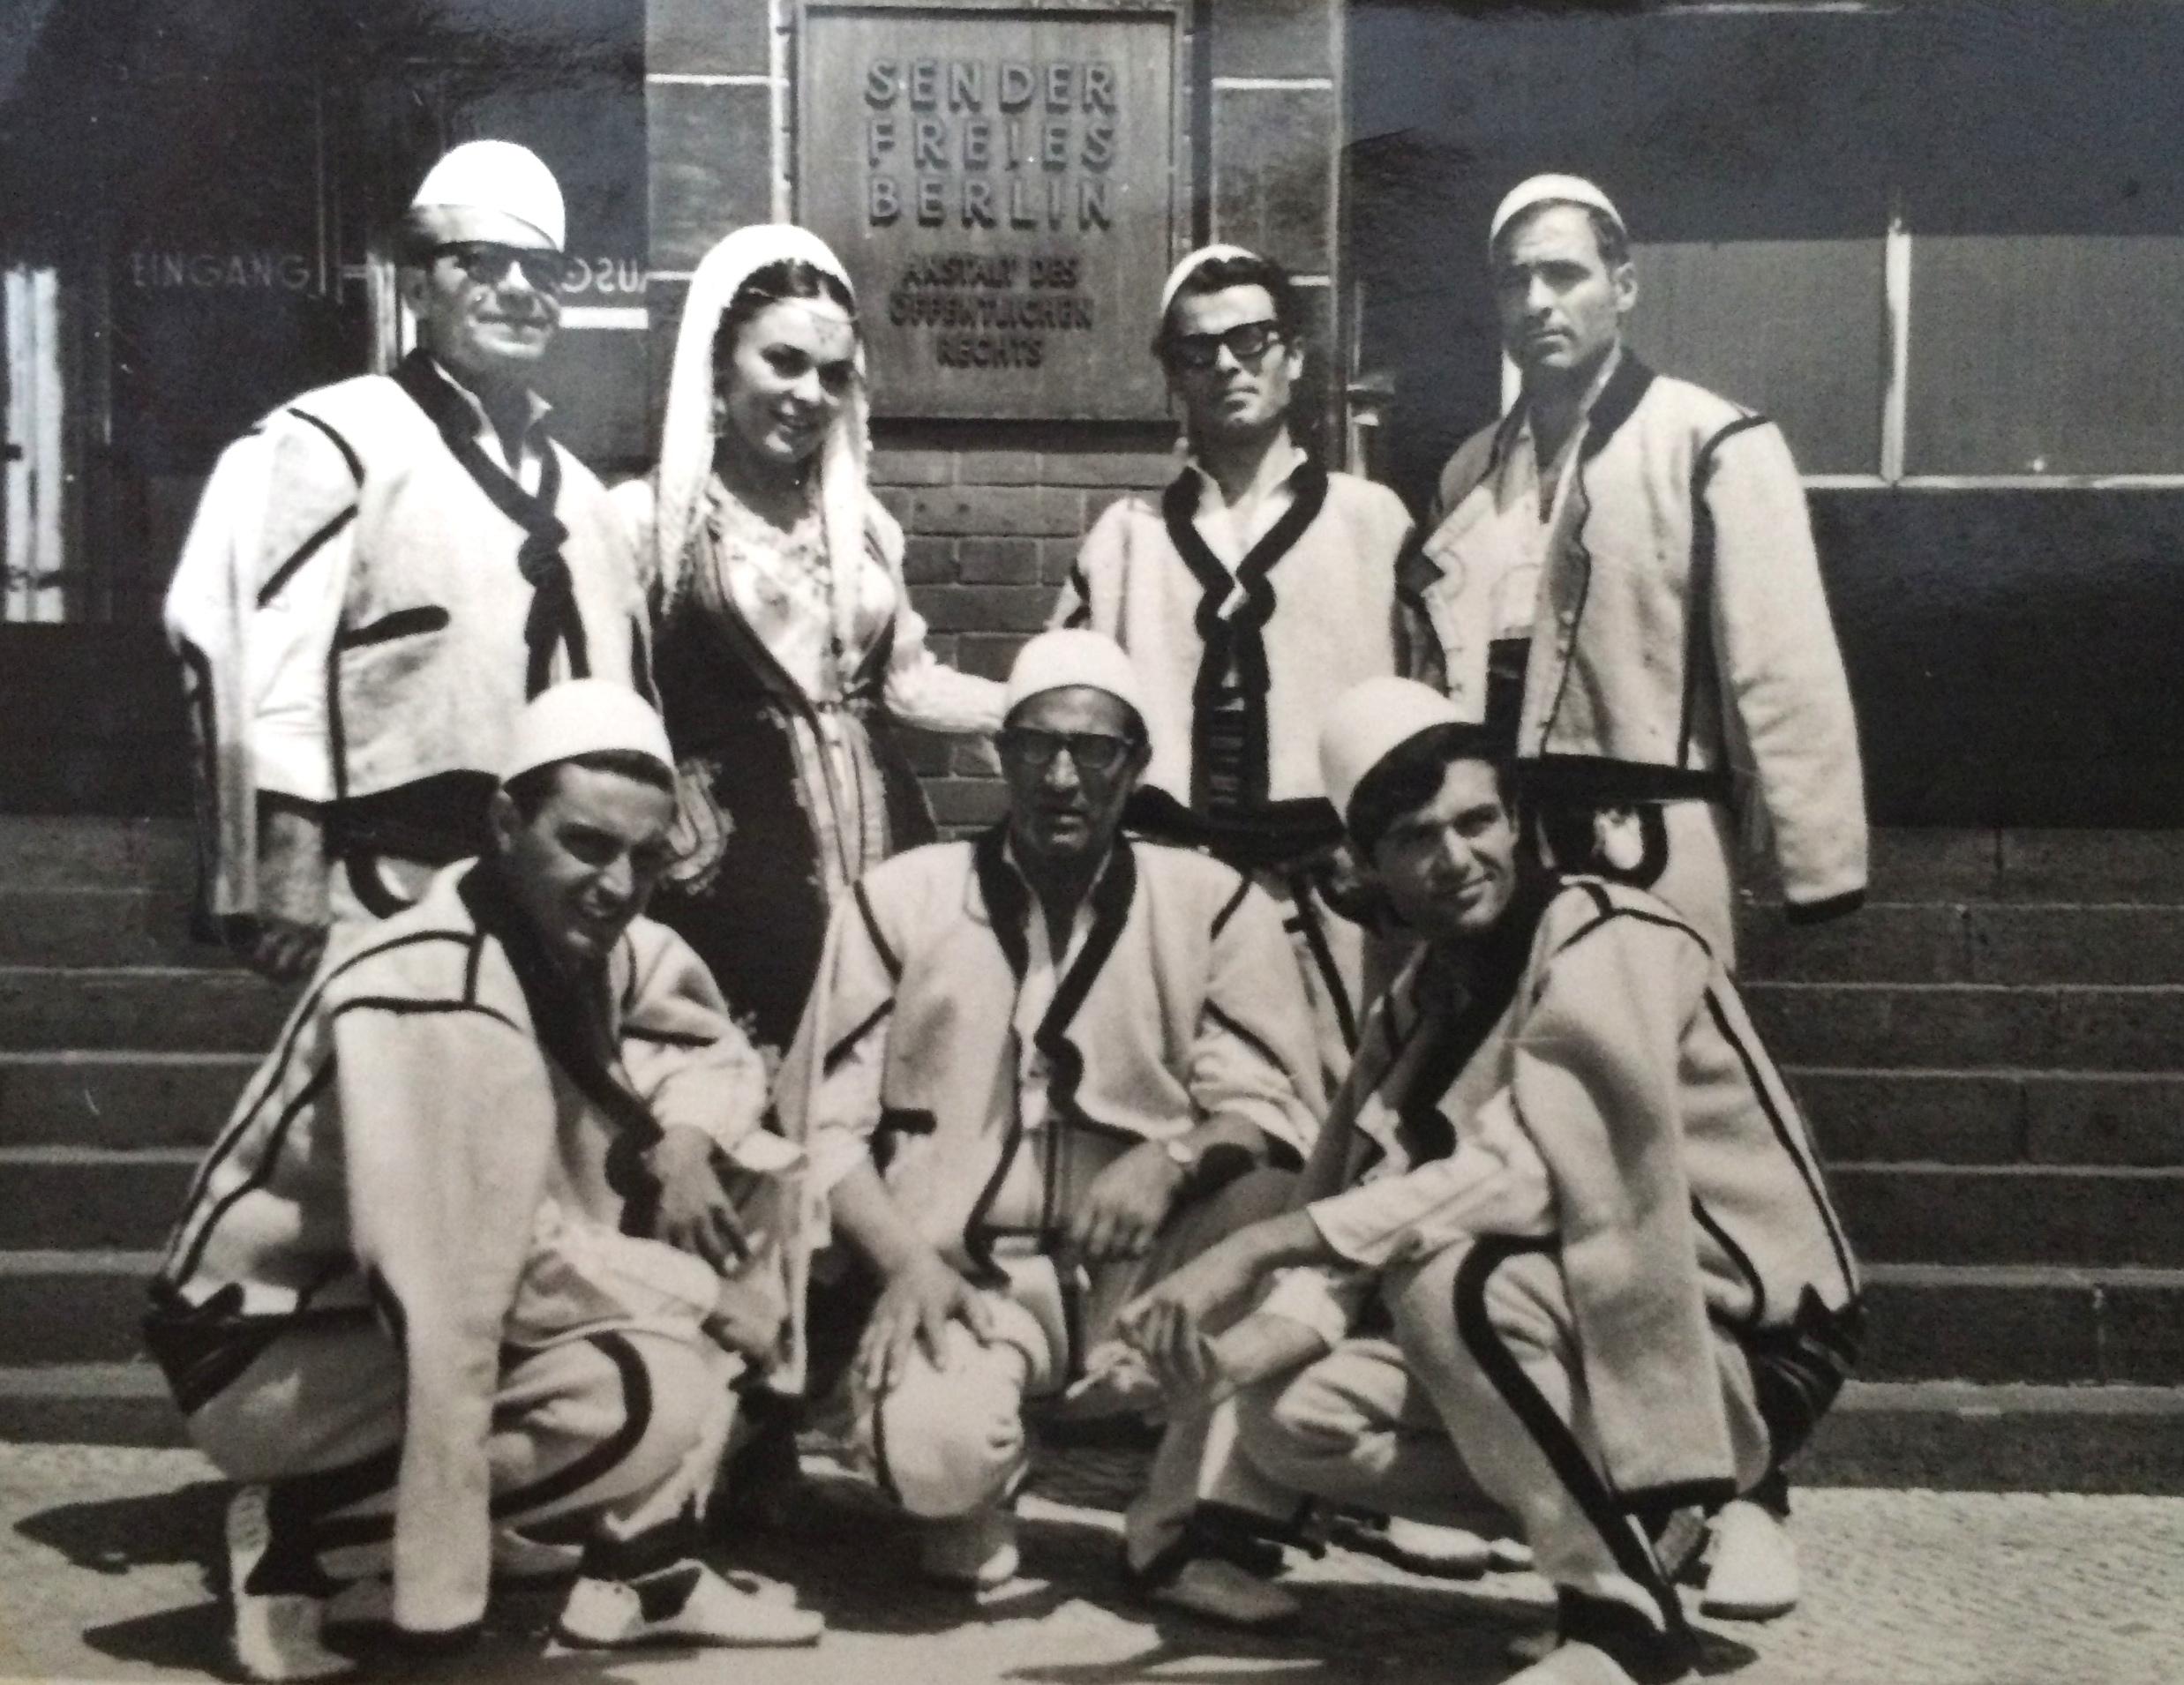 Orkestra-popullore-e-RTP-së-Festivali-Ndërkombëtar-Berlin-1969.-Majtas-lartë-Kolë-Bala-Nexhmije-Pagarusha-Zef-Tupeci-Shaqir-Hoti.-Poshtë-majtas-Velko-Vojnovic-Jasko-Makic-Isak-Muqolli